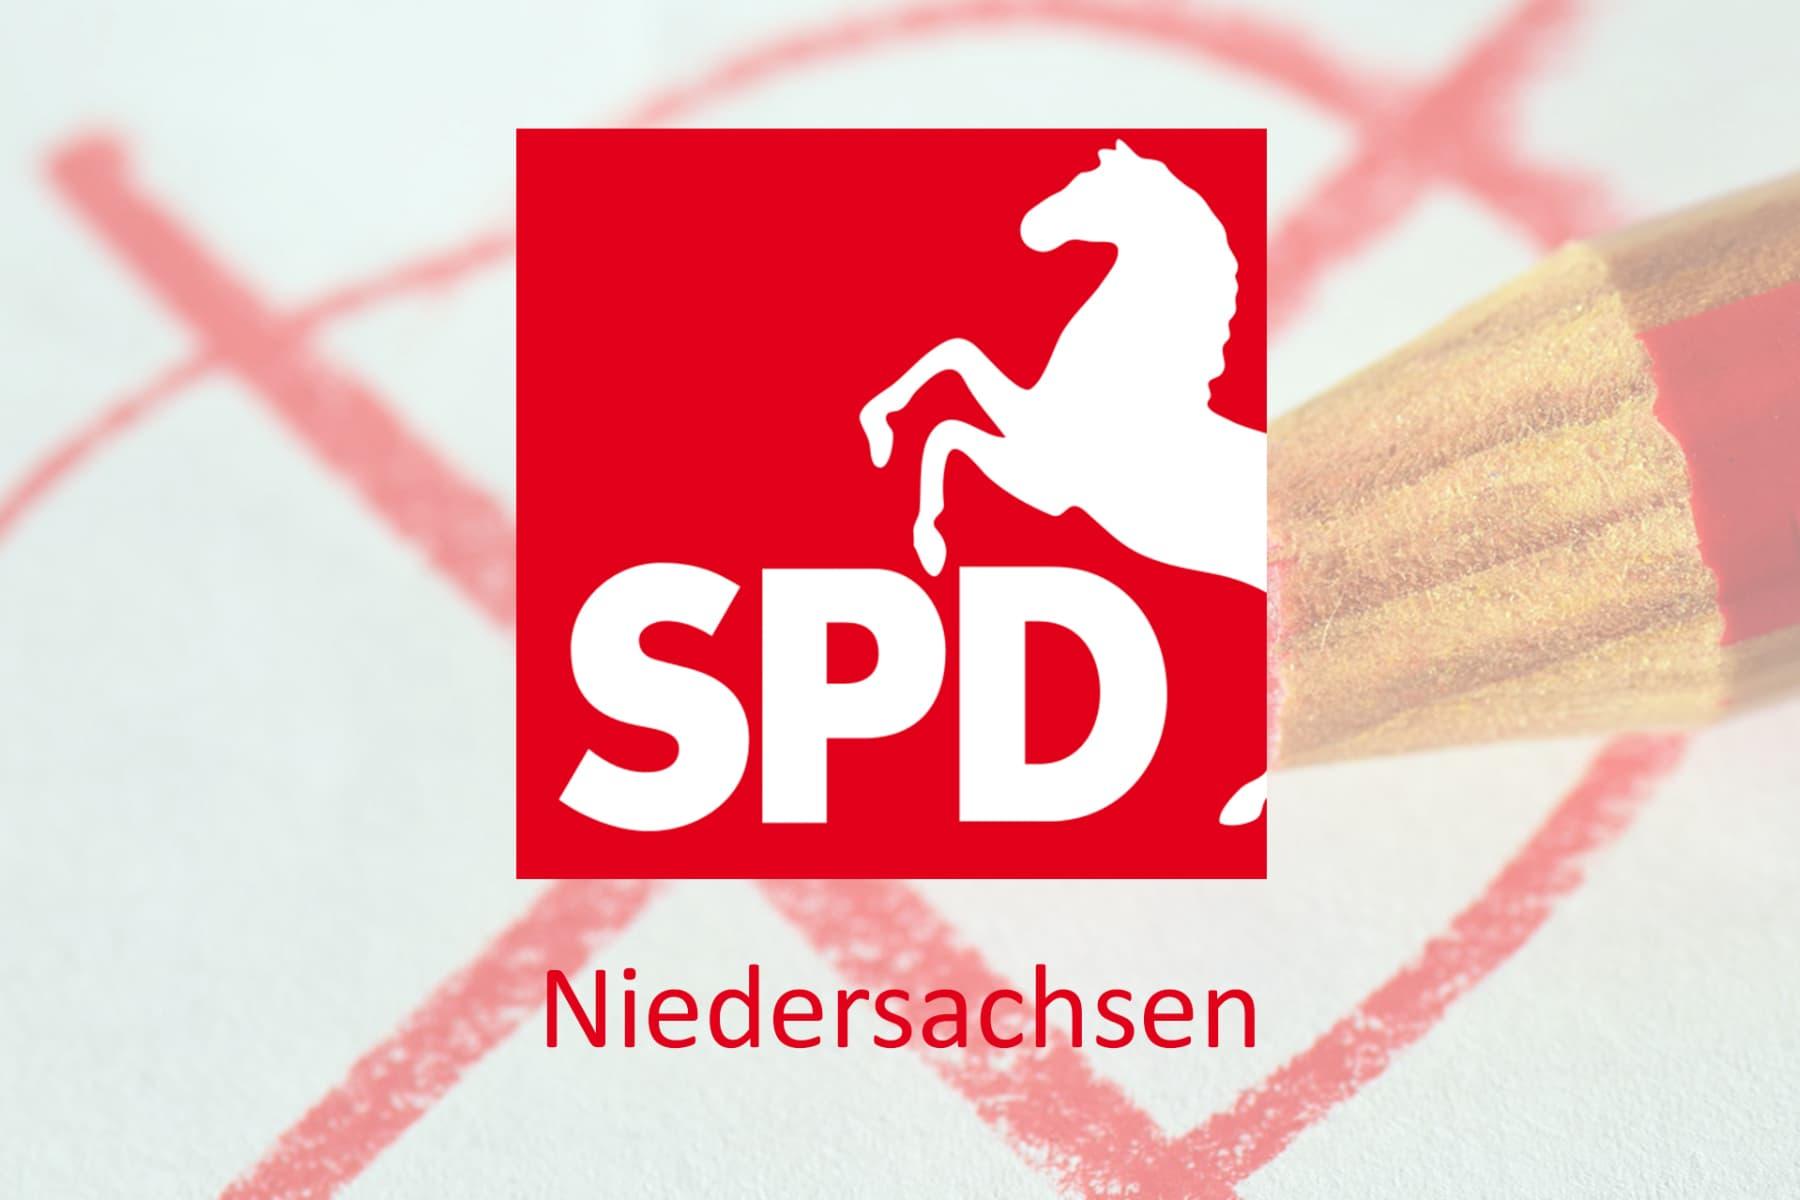 SPD Niedersachsen: mit den Sinus-Milieus zum Wahlsieg